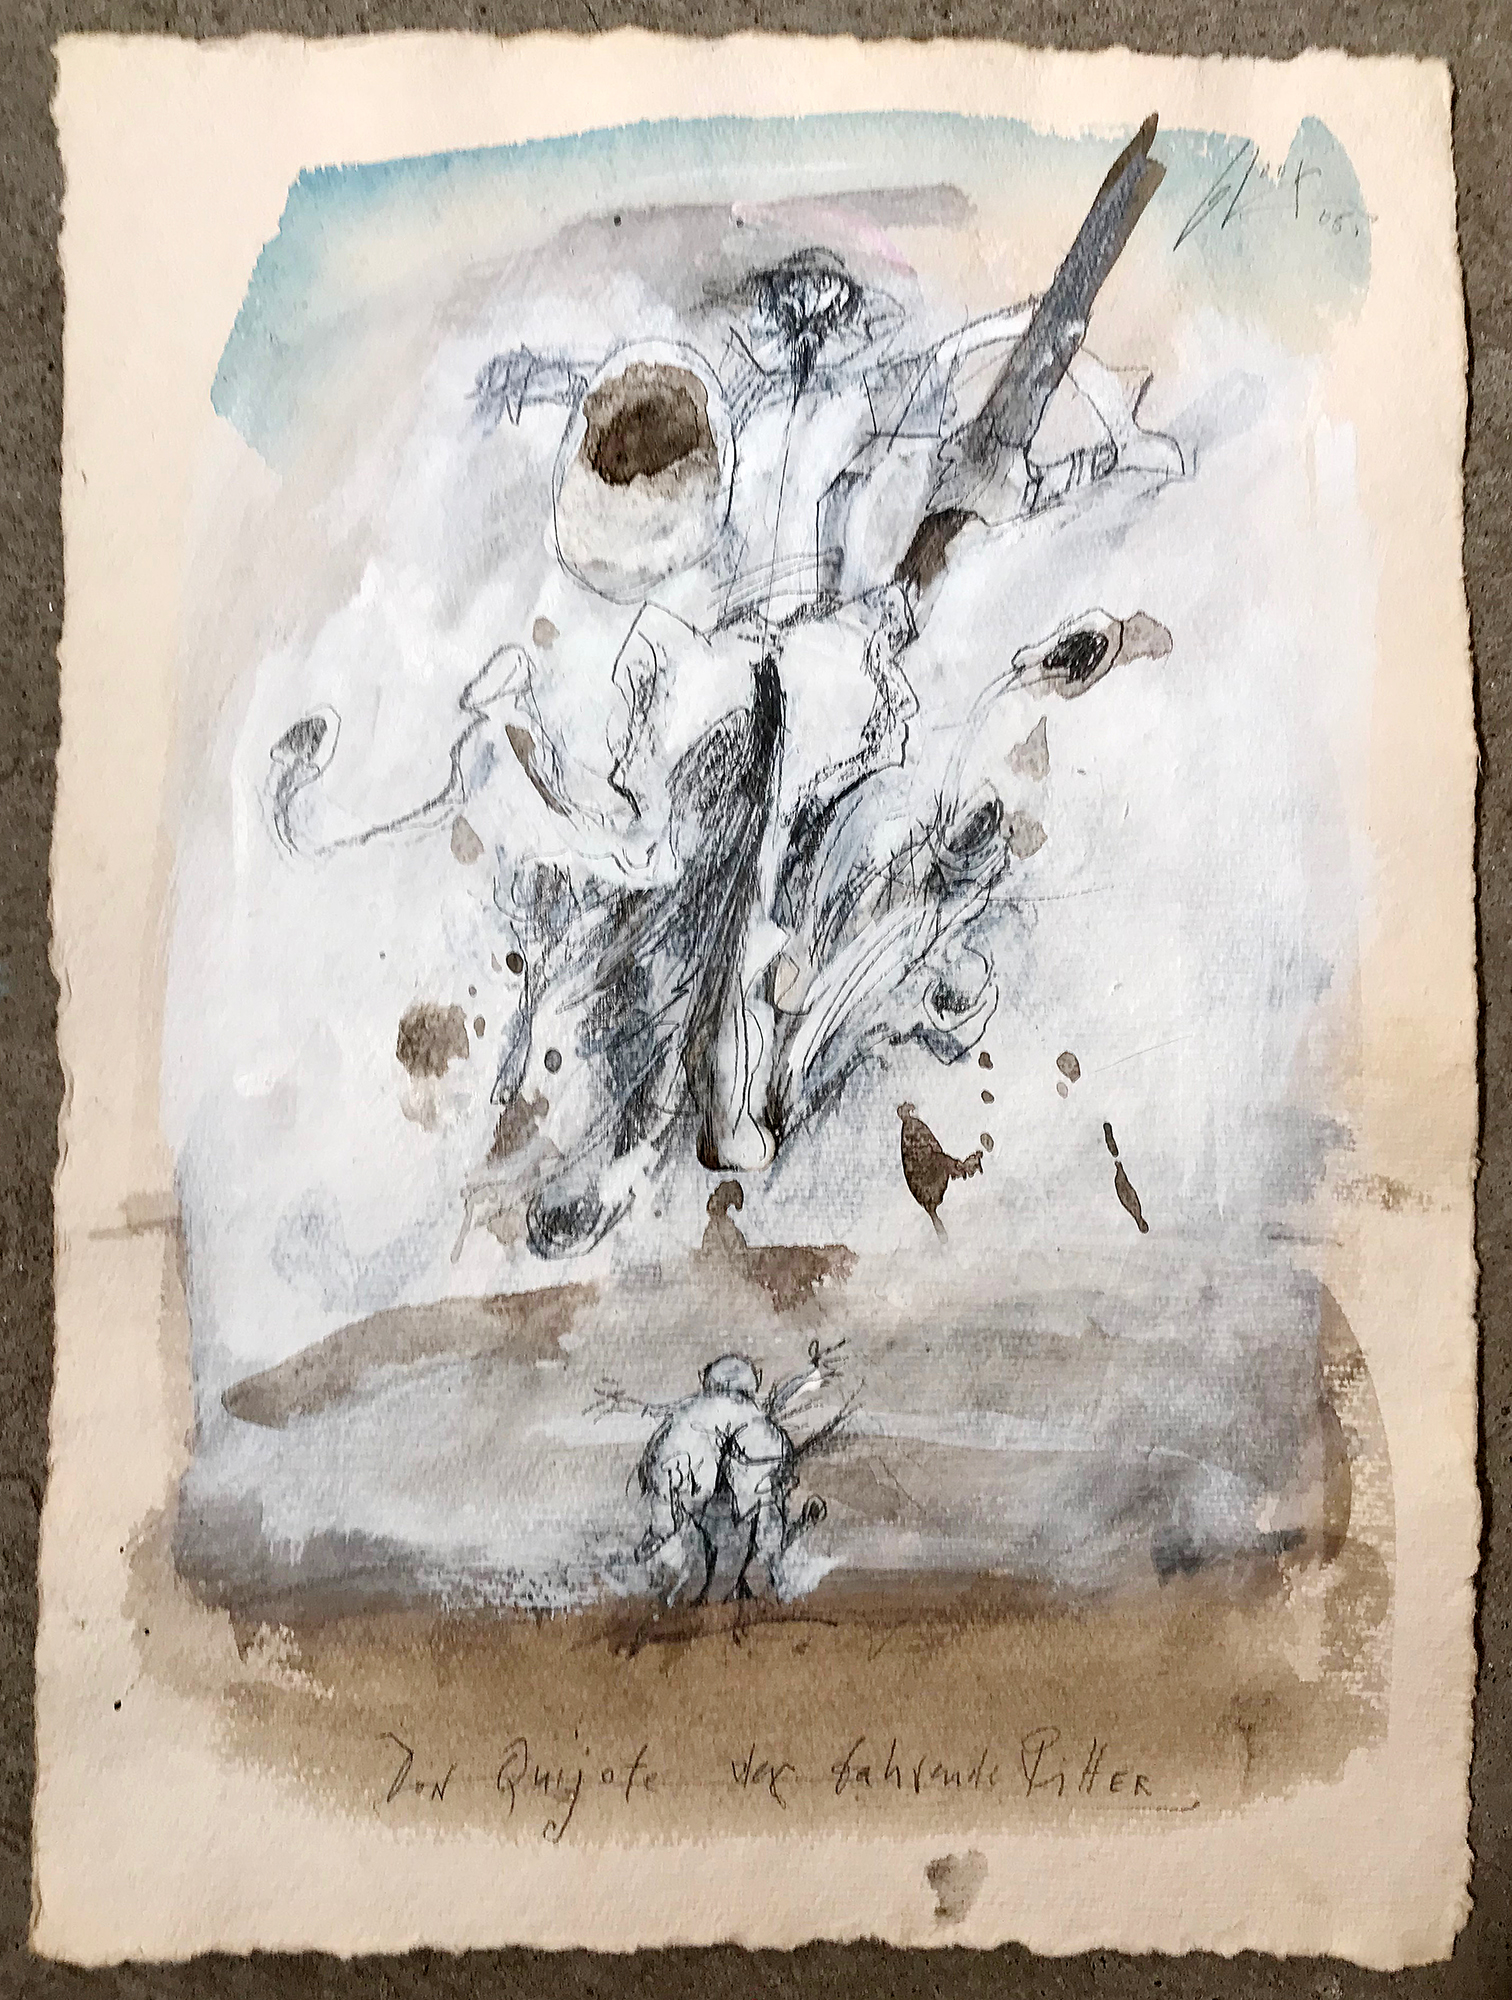 Don Quichot, der fahrende Ritter, 2005, Mischtechnik auf Büttenpapier, 28 x 38 cm, ohne Rahmen